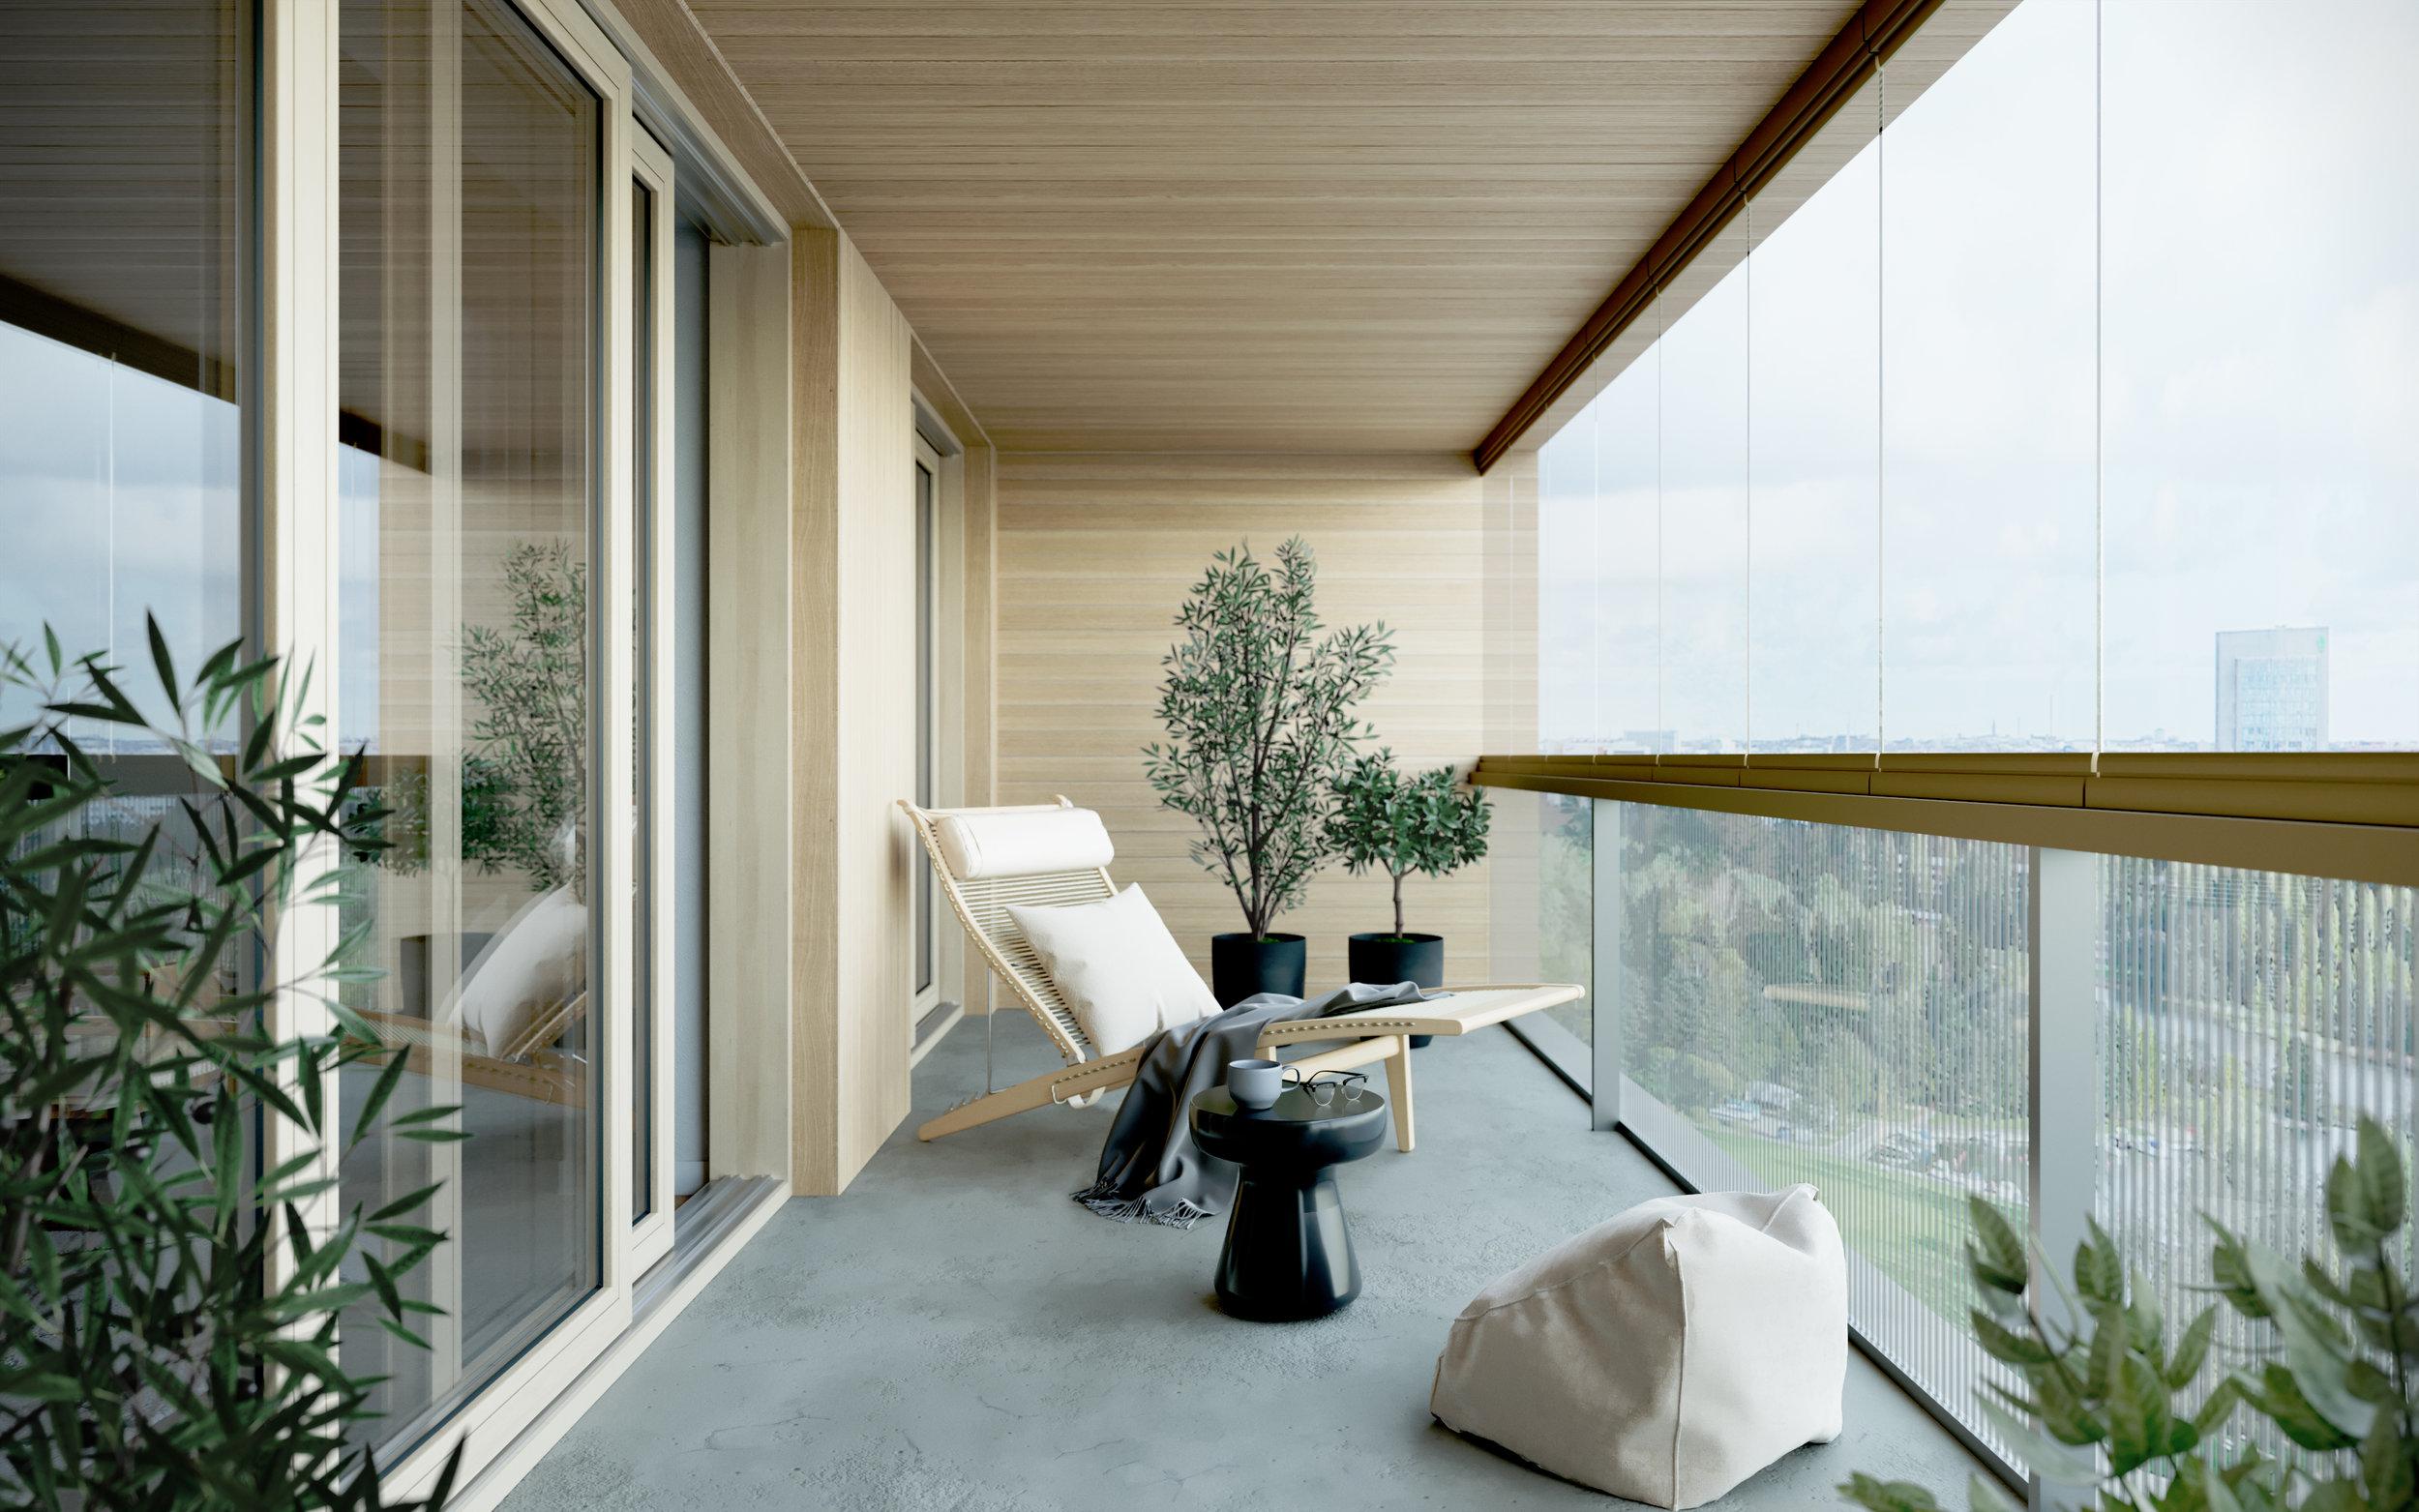 maxbuild_feenix_interior_A56_balcony.jpg